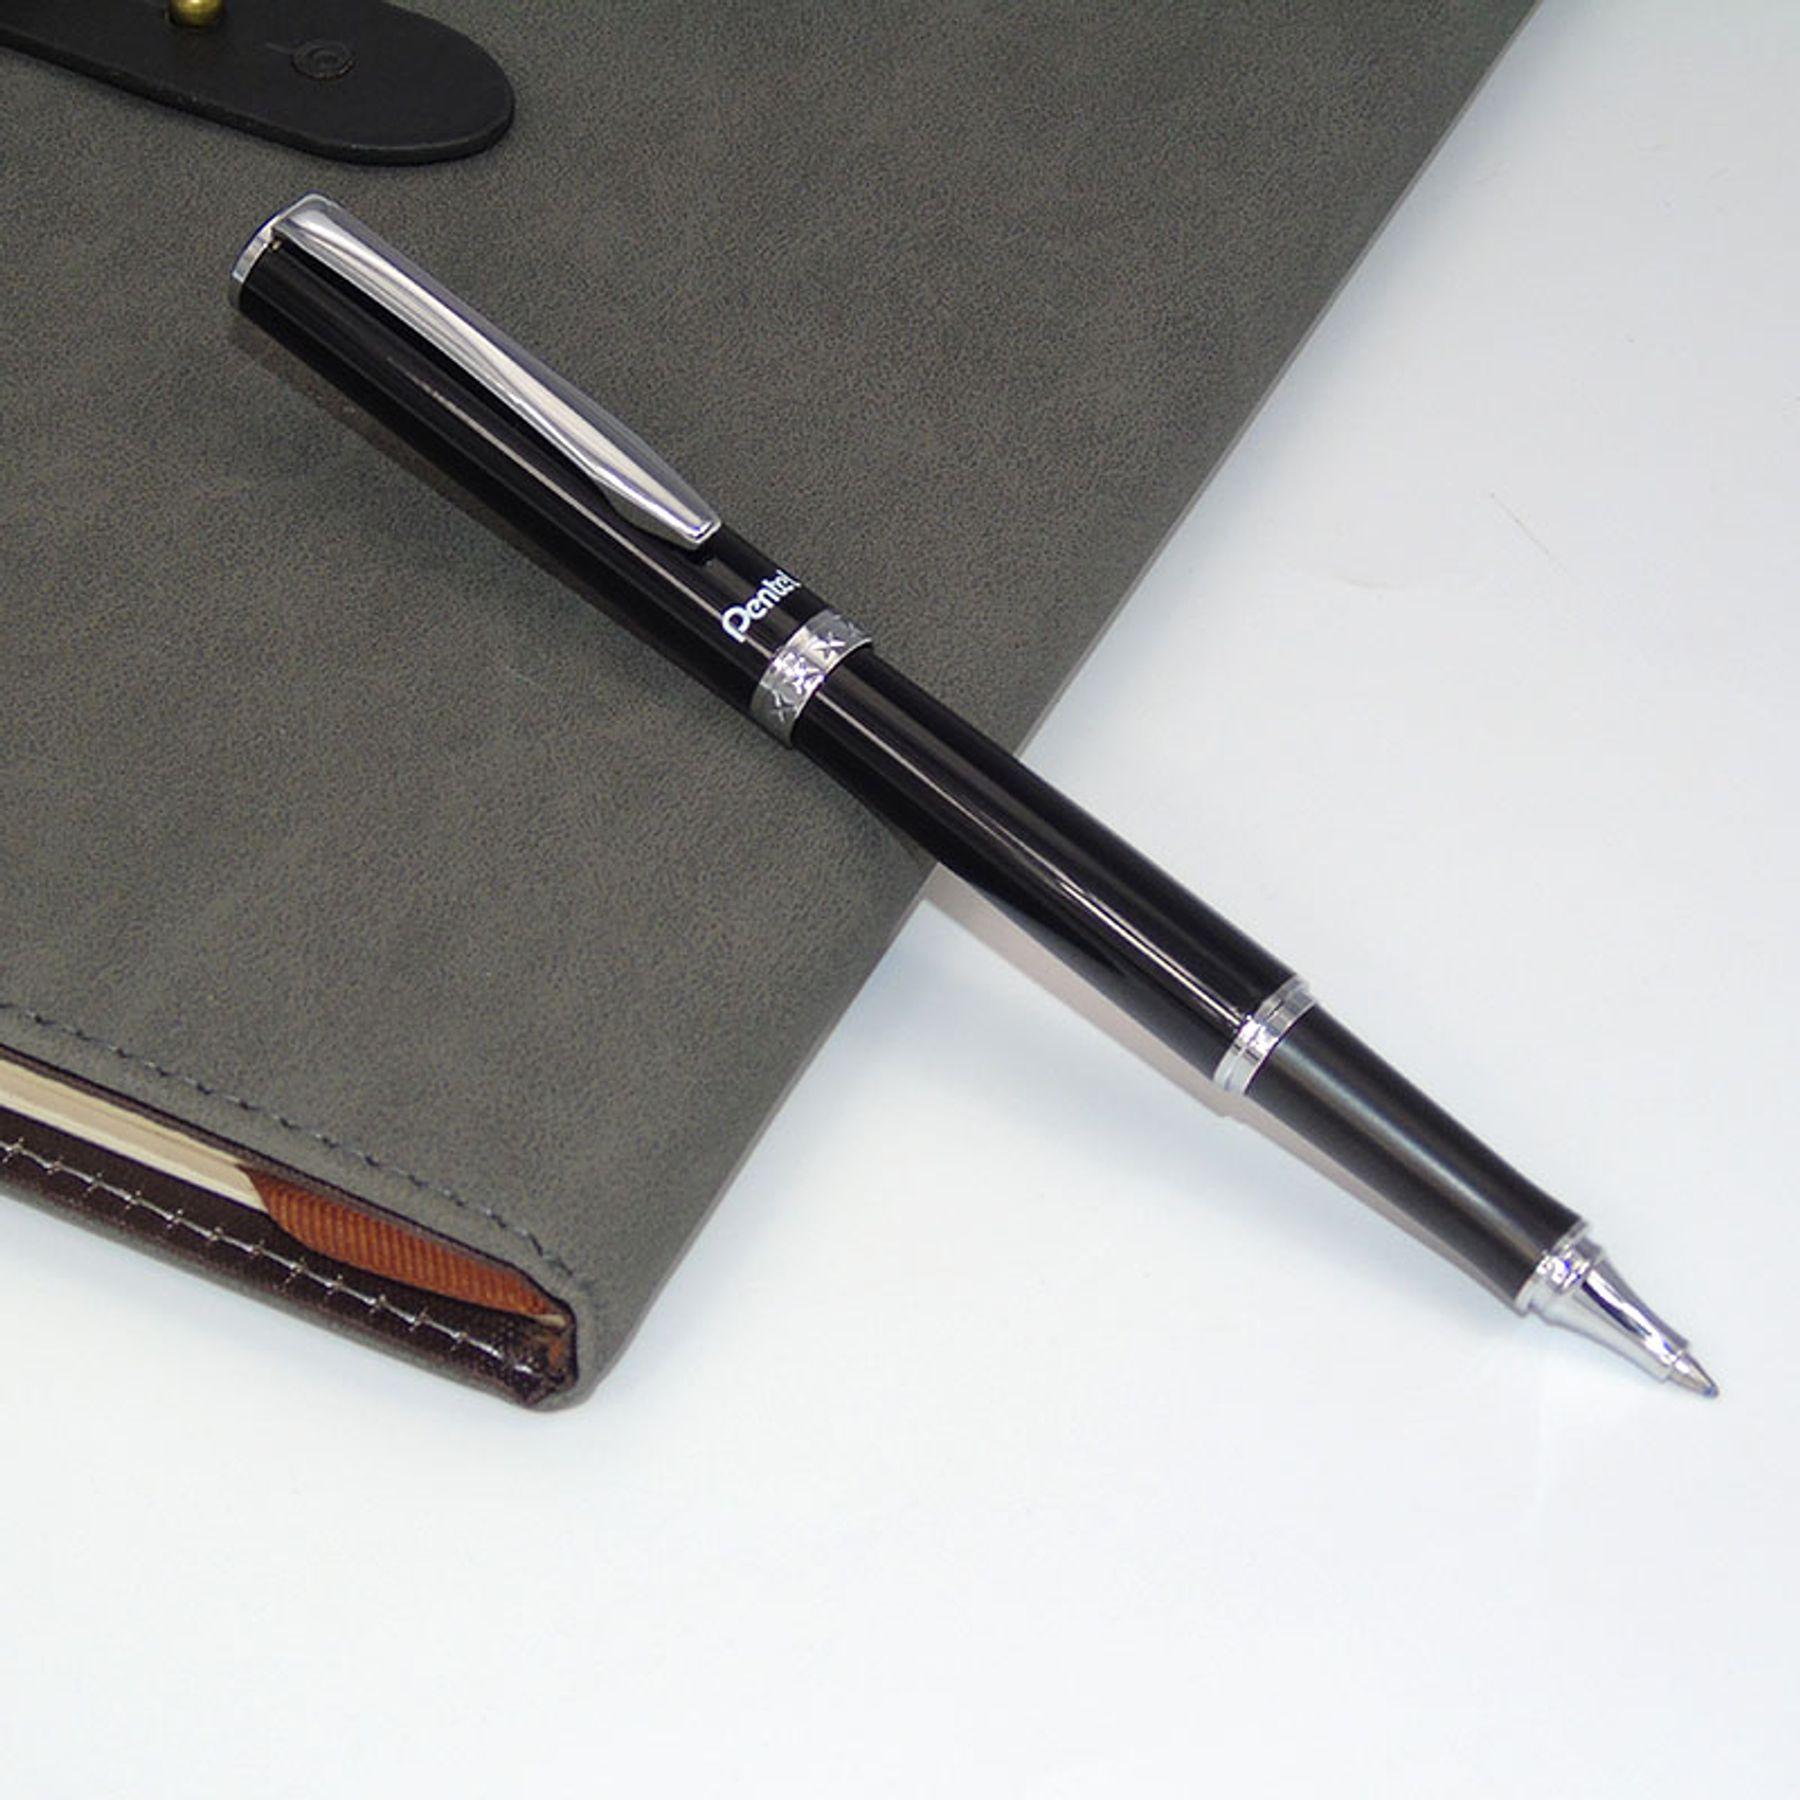 Tặng bút mực và sổ da cho bạn trai